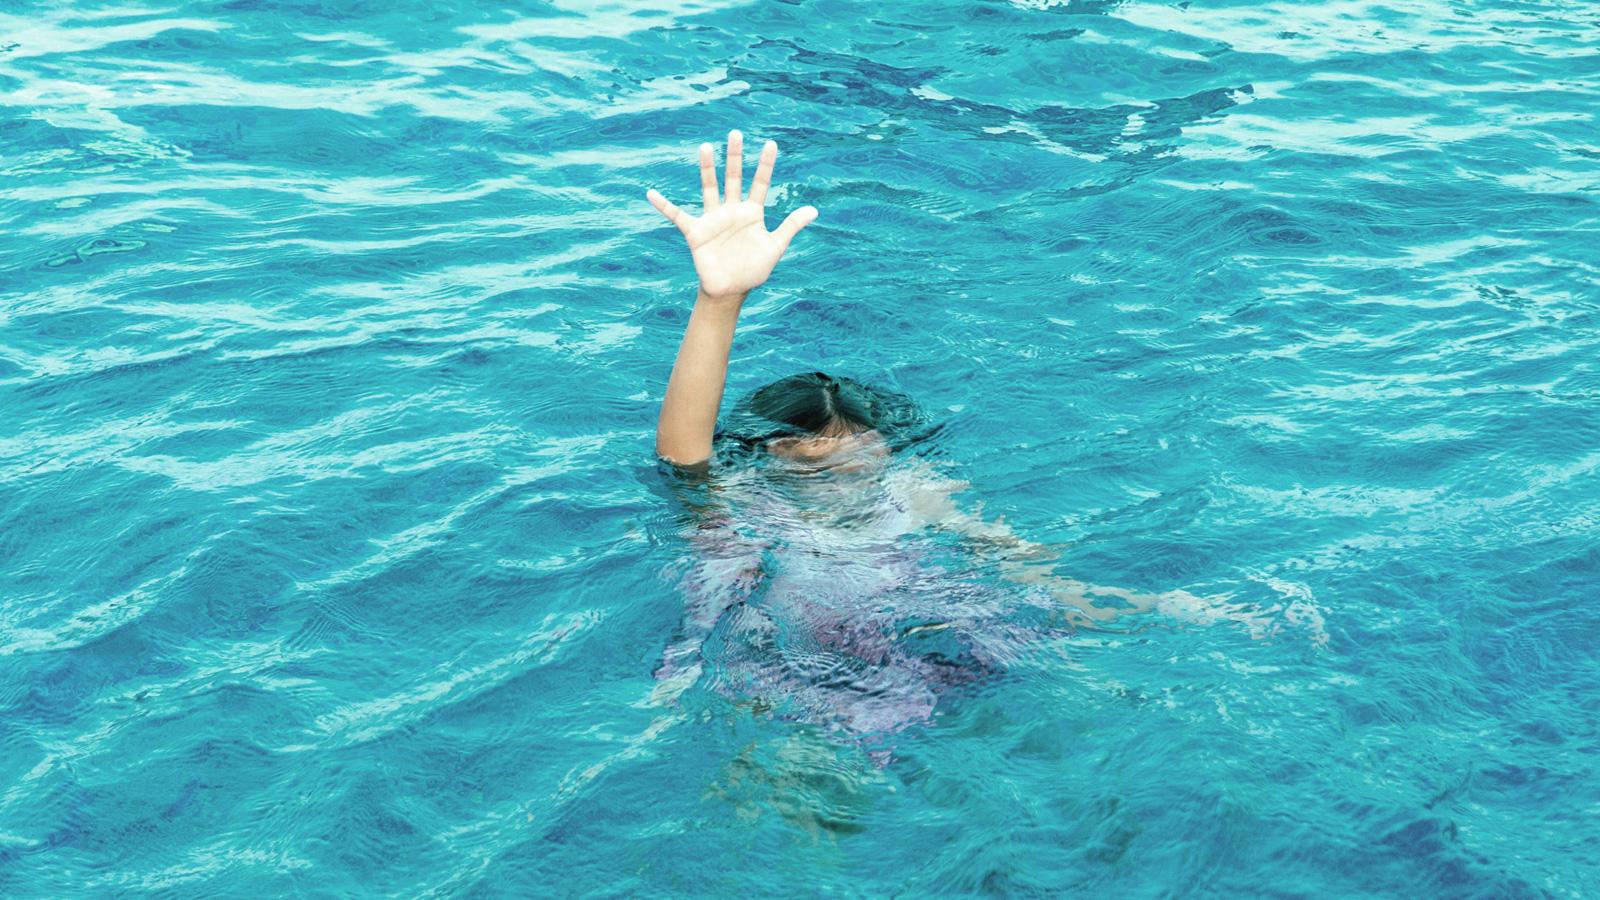 8 साल का मासूम नदी में गिरने से लापता, सर्च अभियान जारी